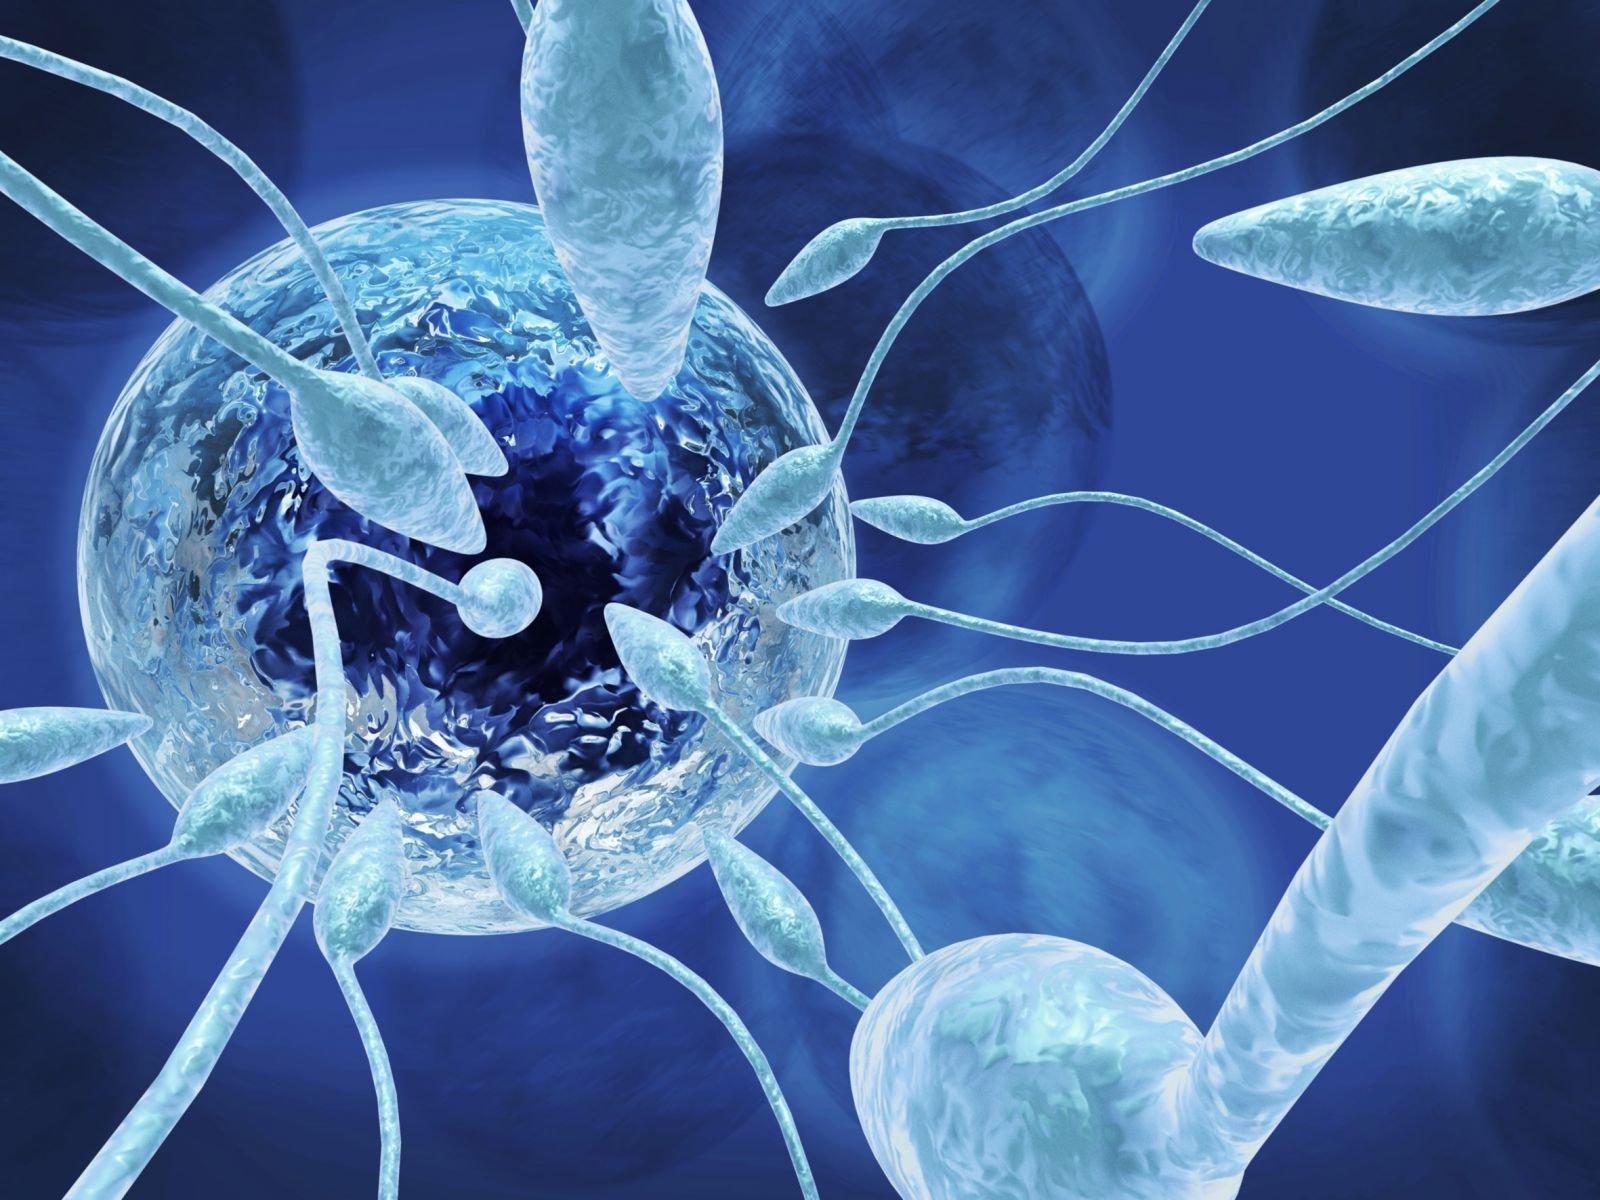 Сперма в микроскоп 17 фотография